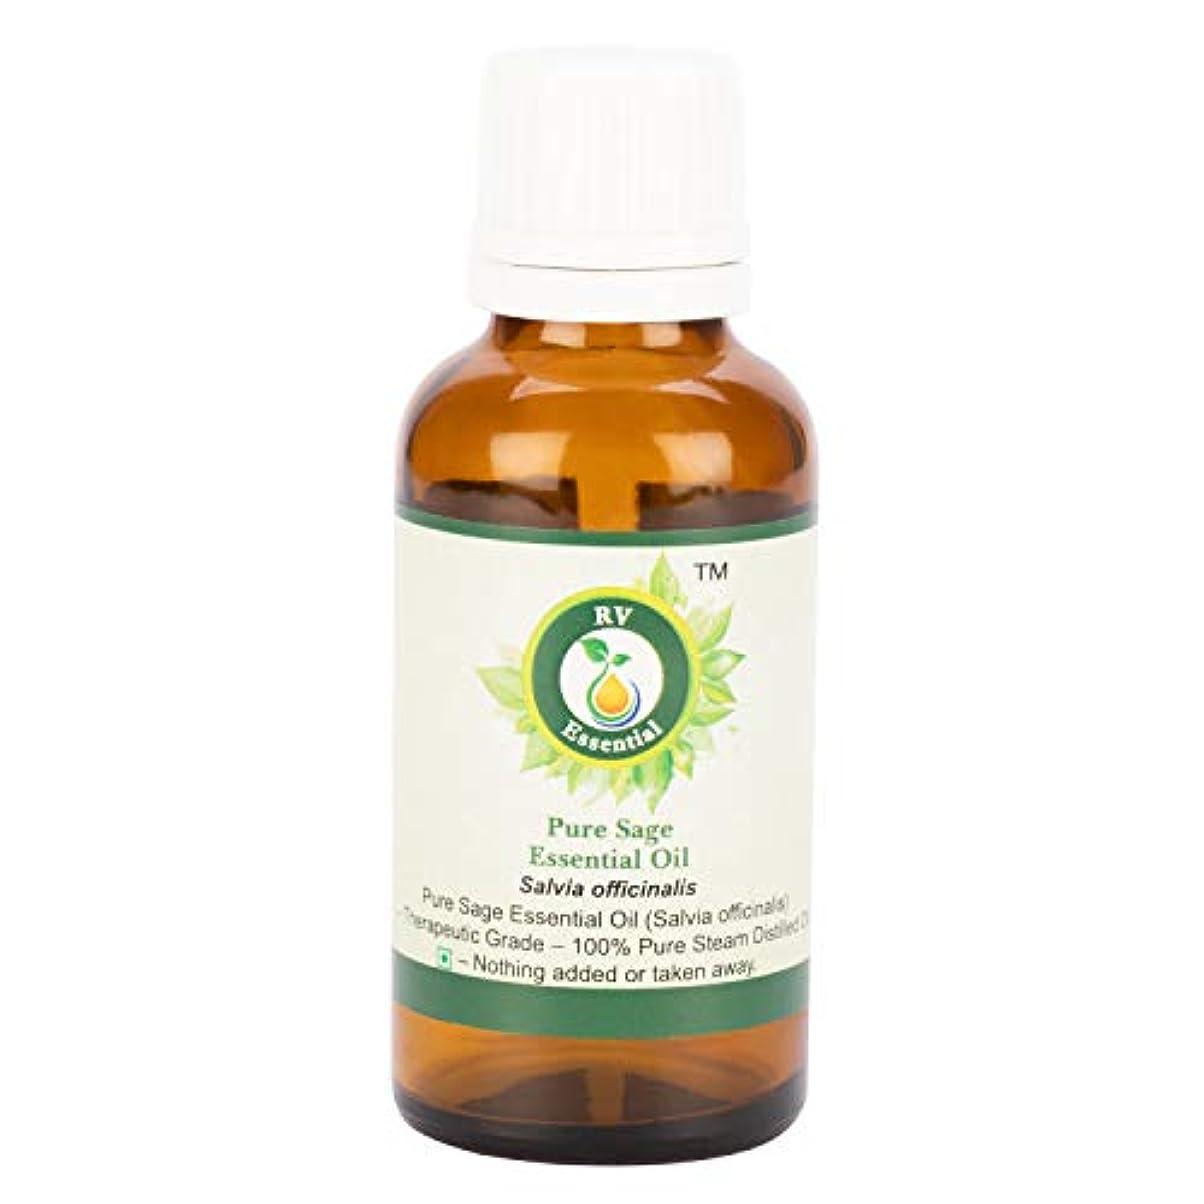 影響ボード朝ピュアセージエッセンシャルオイル100ml (3.38oz)- Salvia Officinalis (100%純粋&天然スチームDistilled) Pure Sage Essential Oil